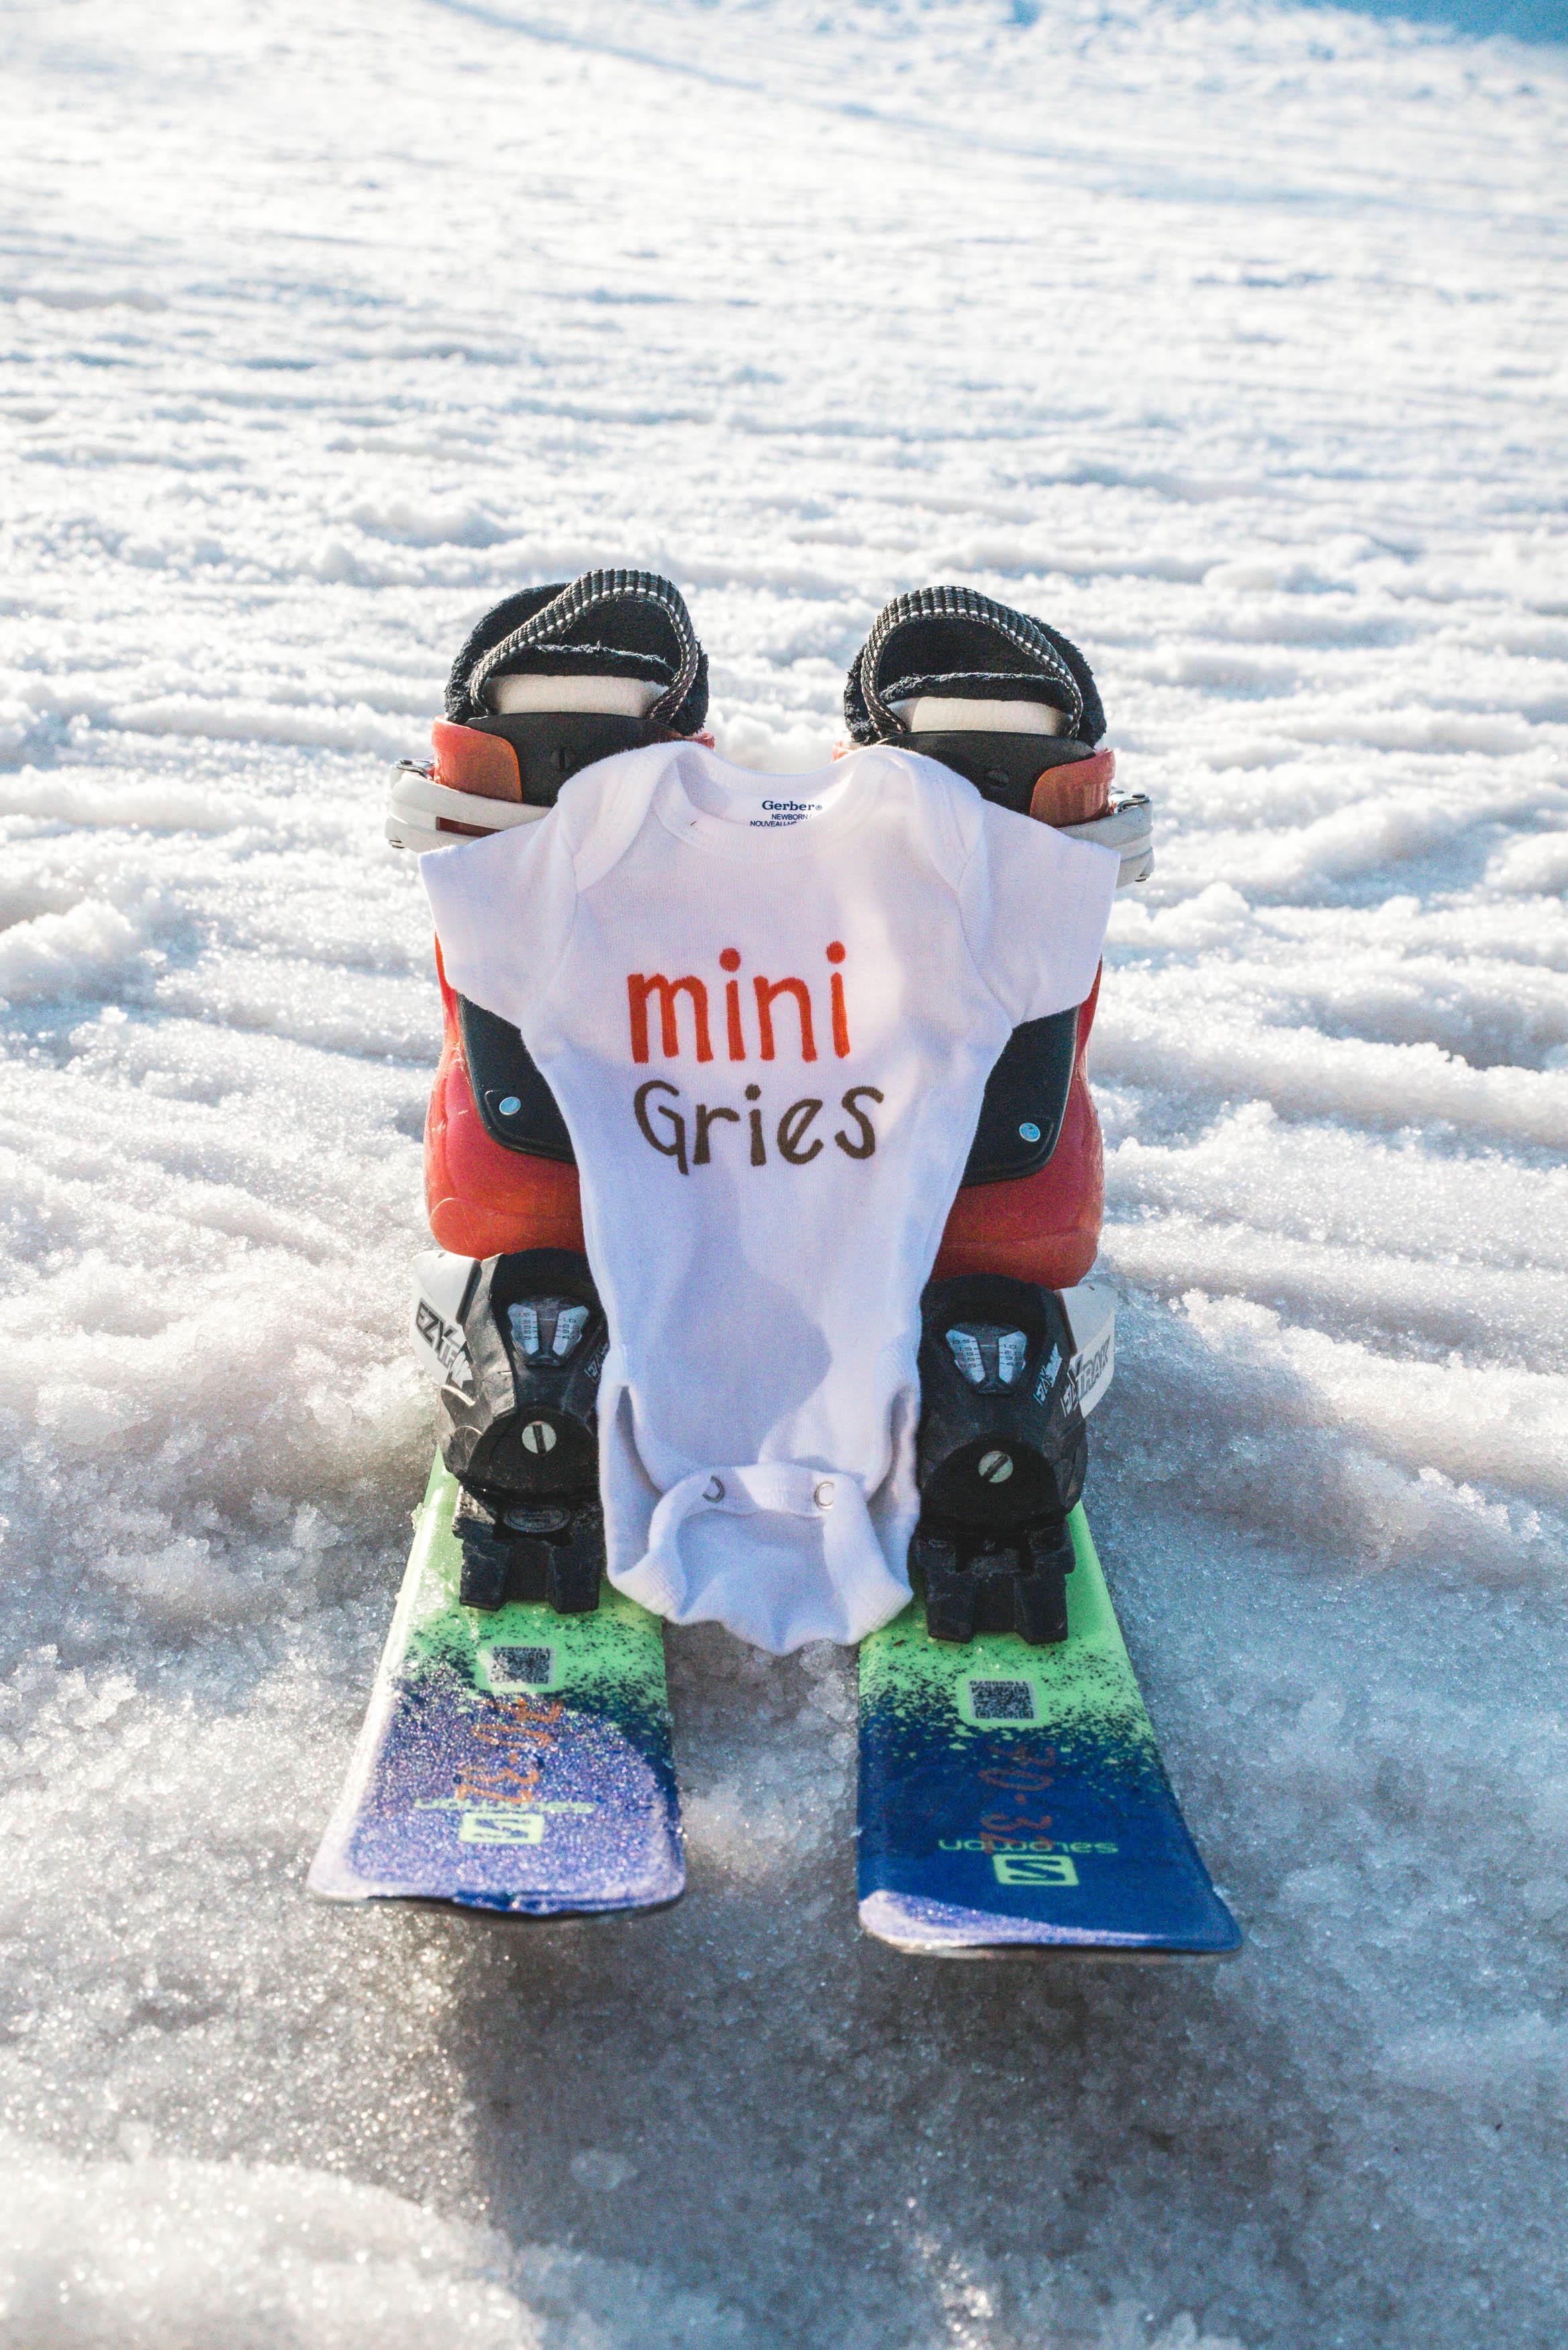 pregnancy announcement ski hill